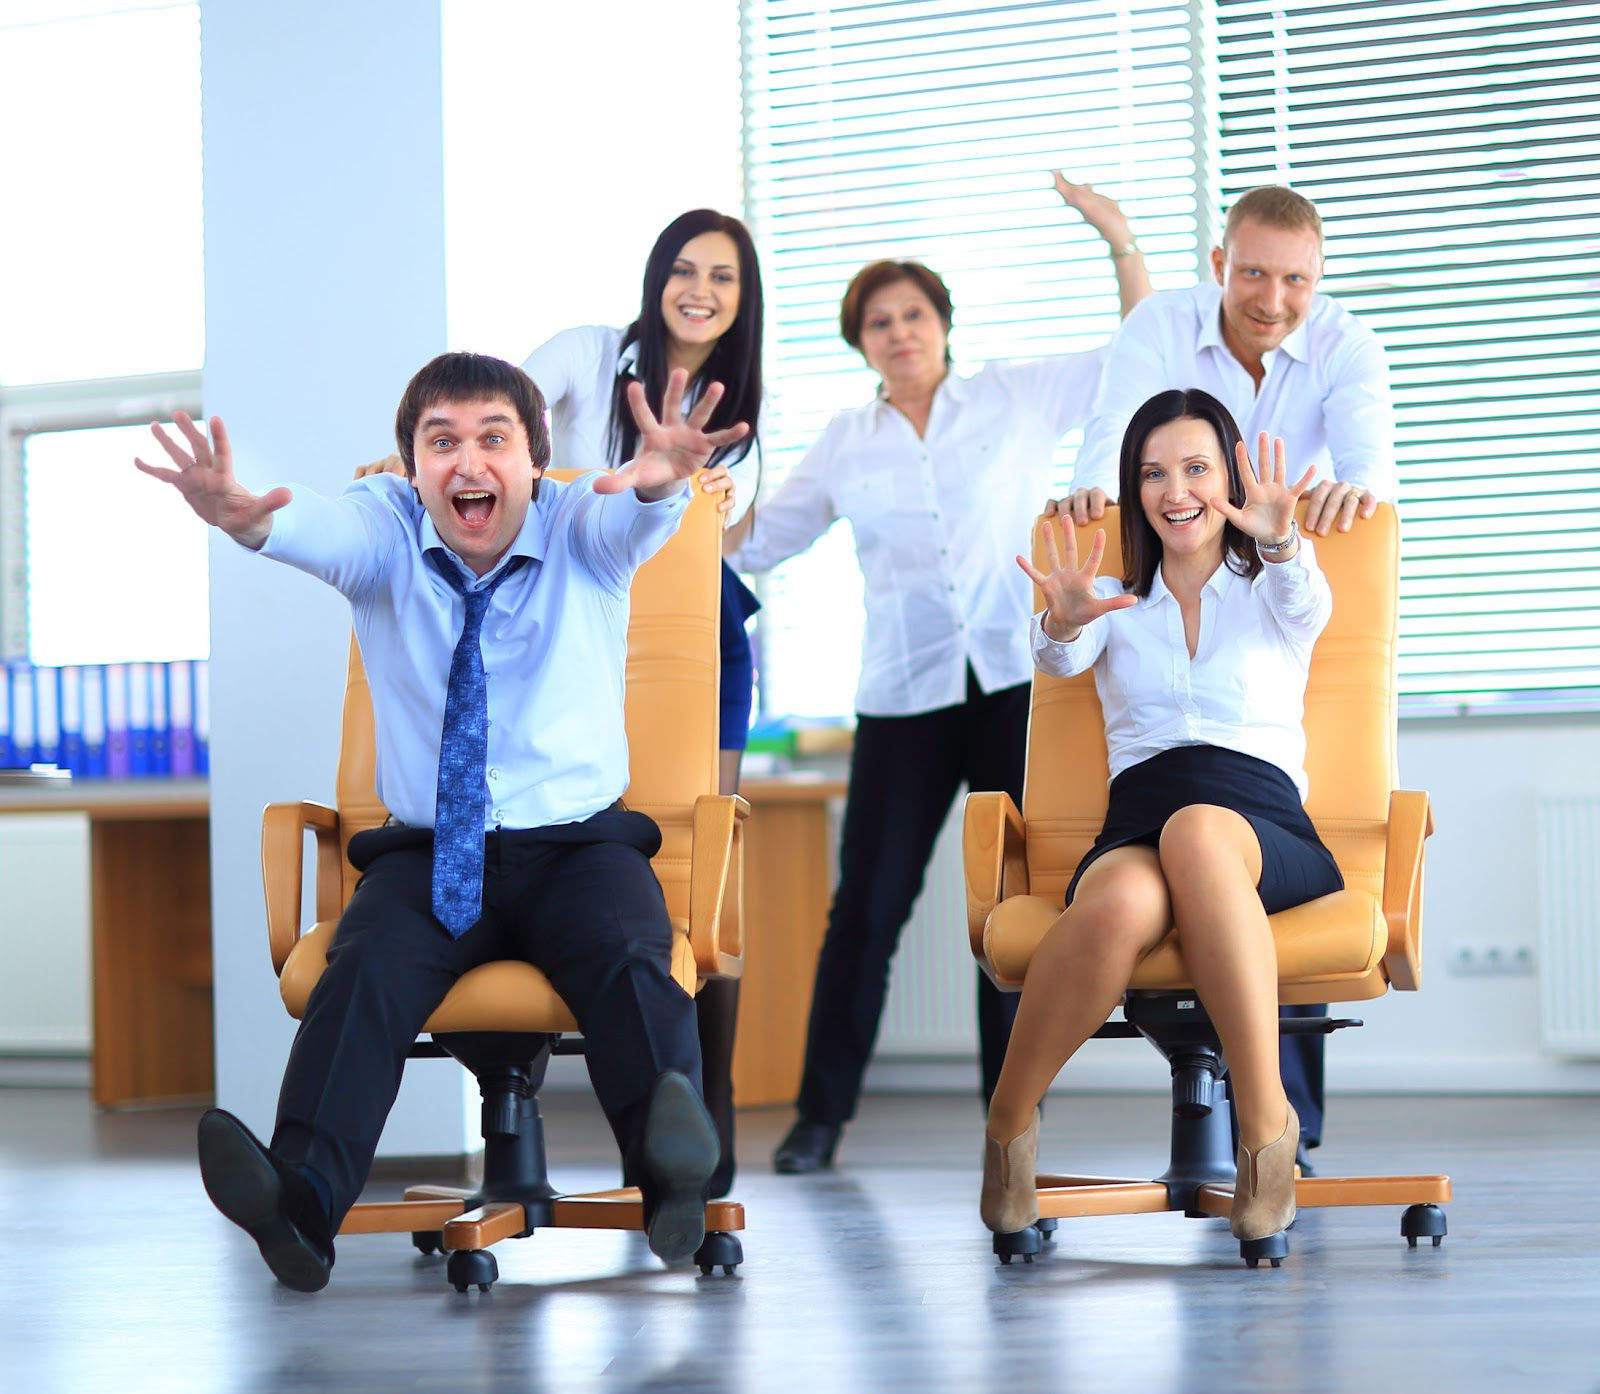 Thời khóa biểu công việc một tuần không áp lực cho dân văn phòng